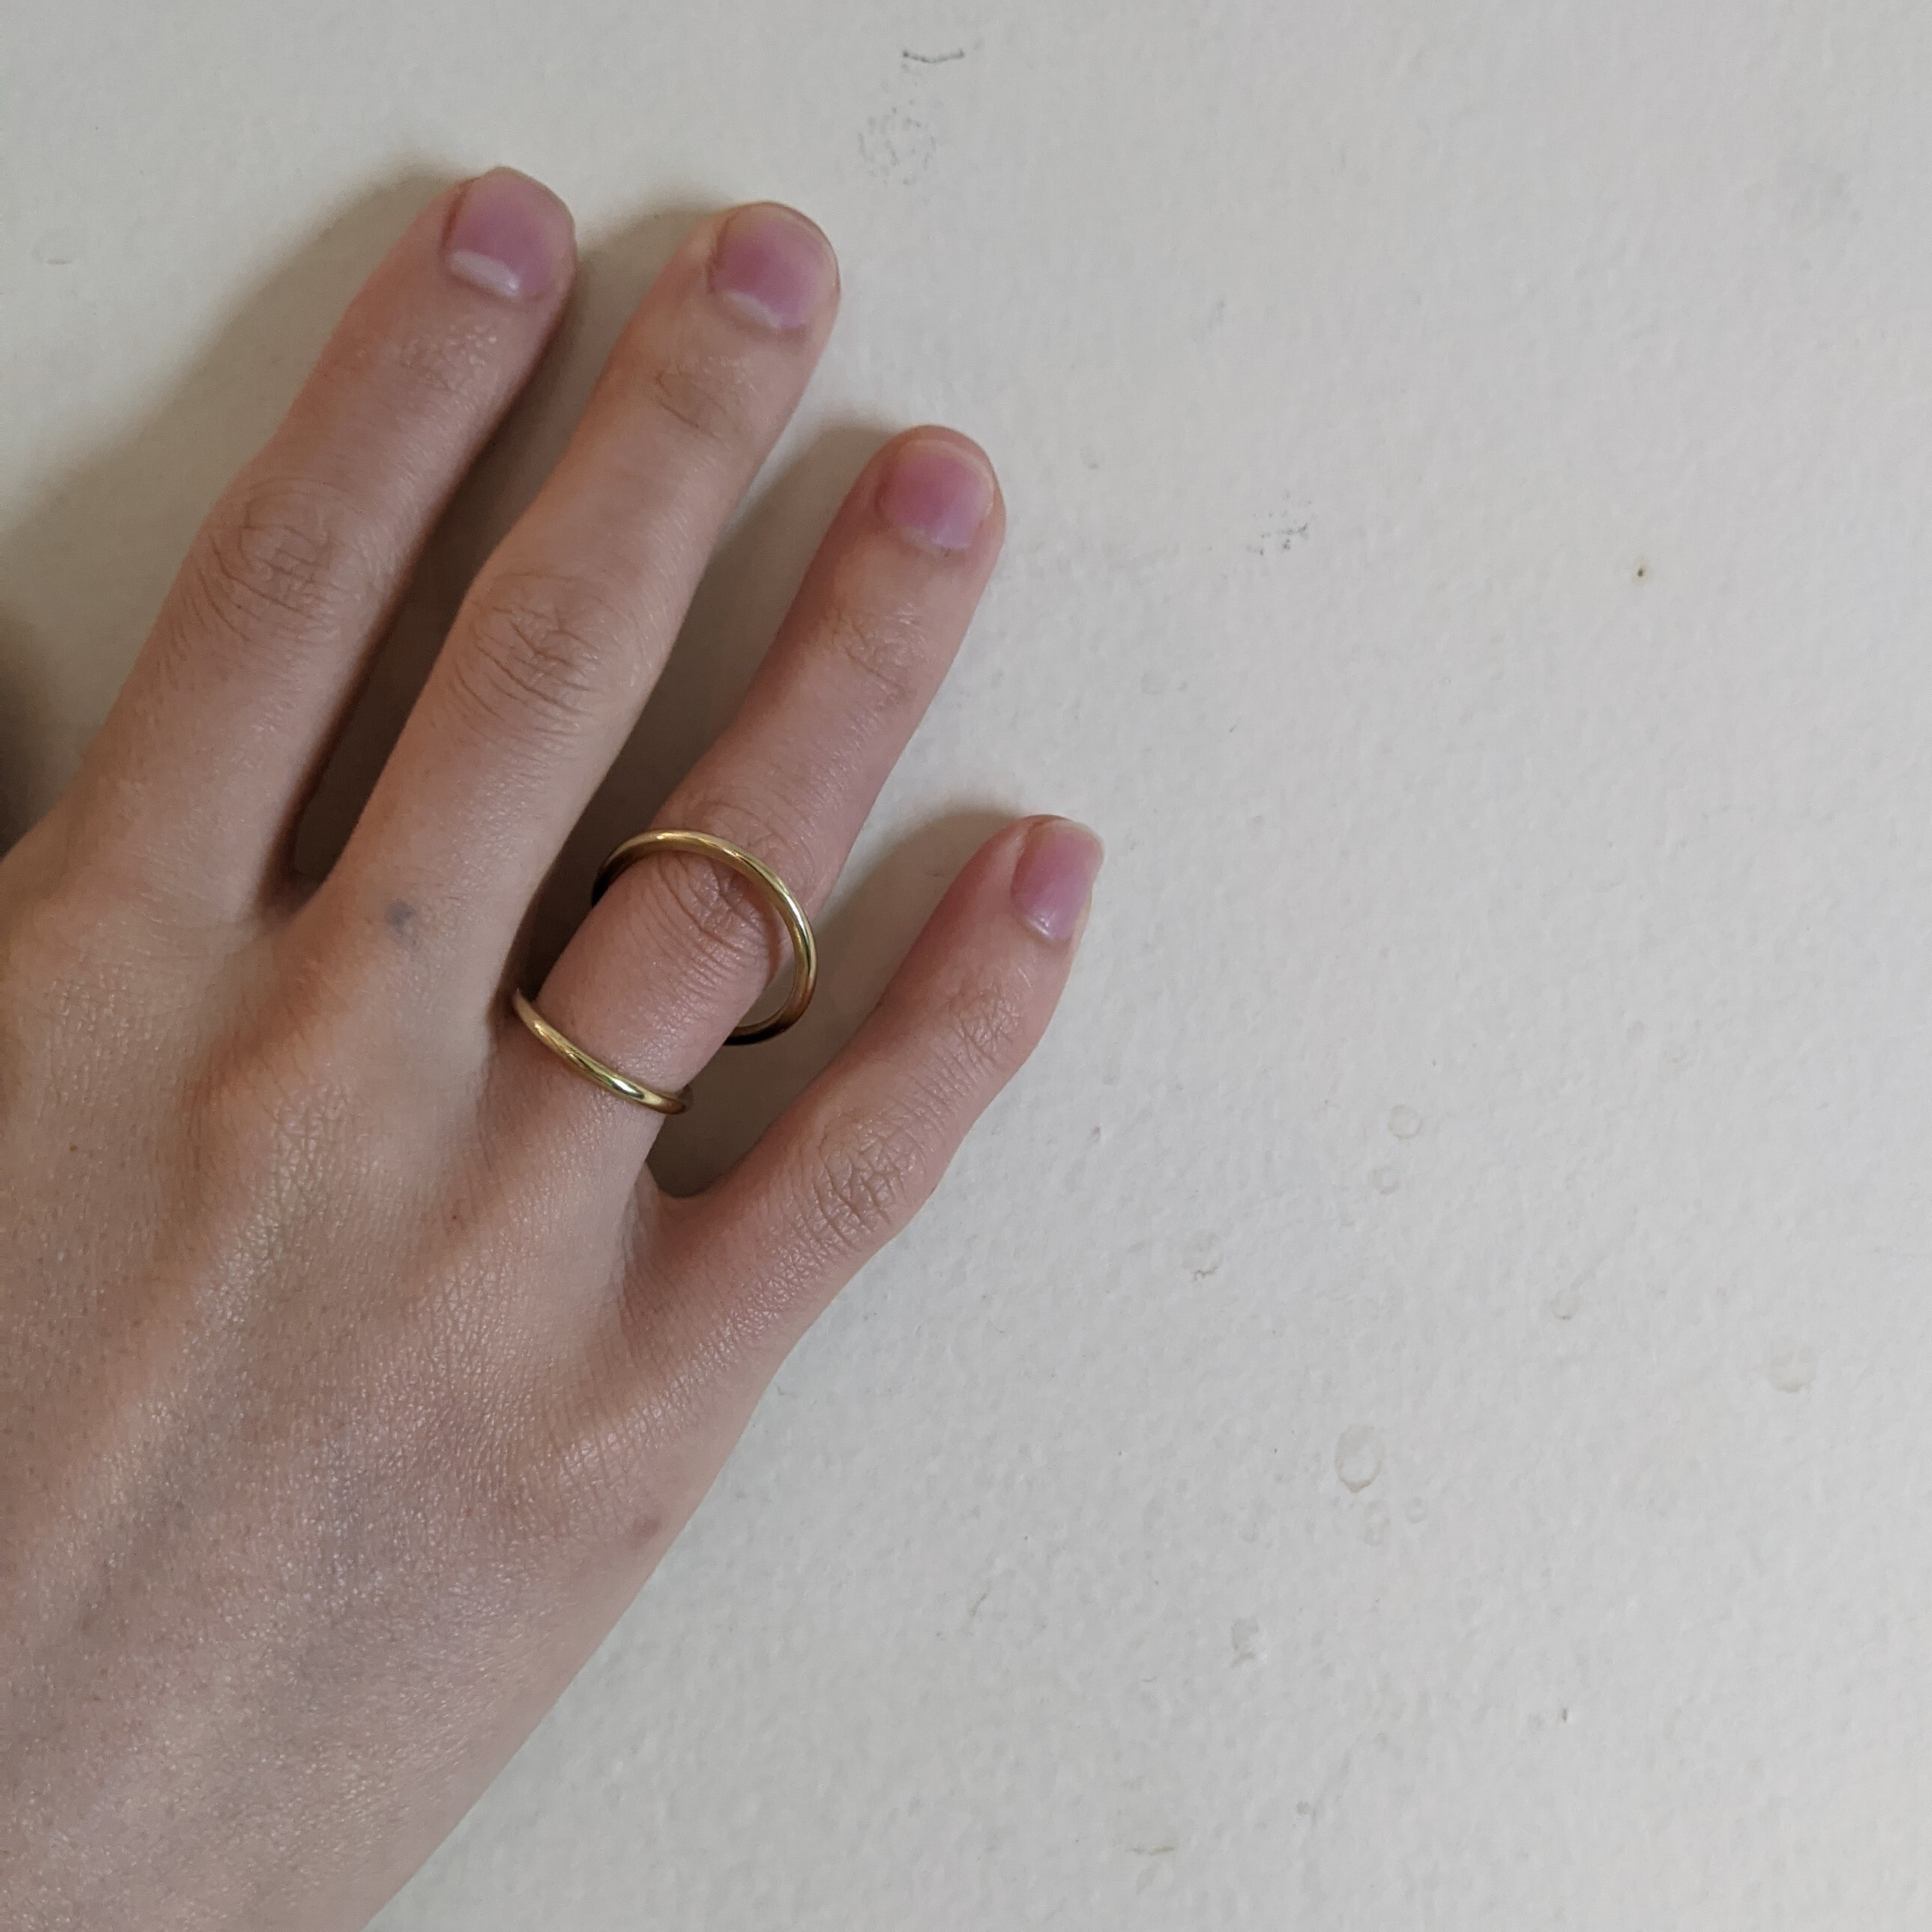 再入荷【 jomathwich 】brass earcuff / E-68  真鍮イヤーカフ /片耳販売 / リング2way可能